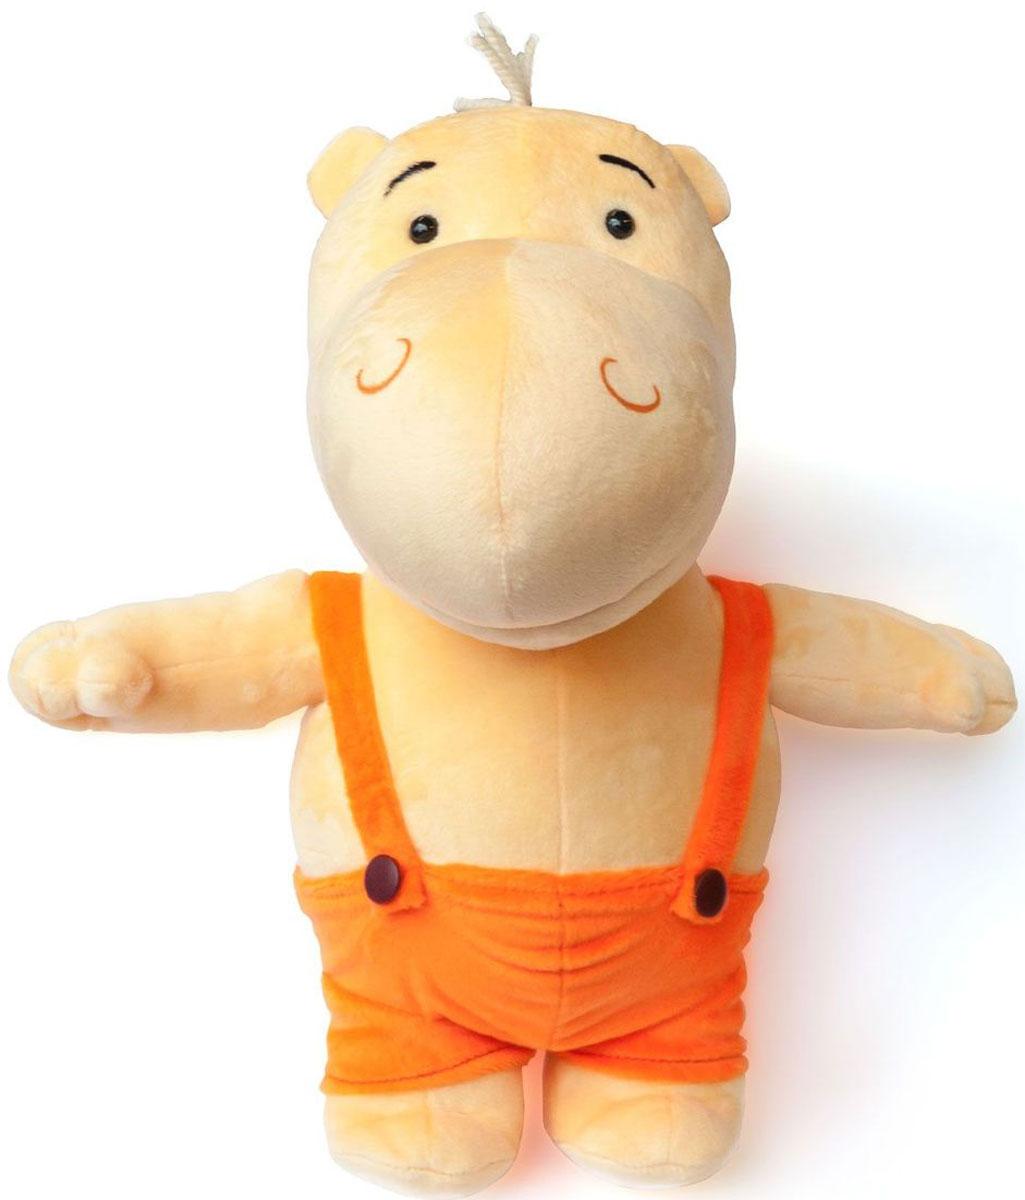 Тим и Тома Мягкая игрушка Бегемотик Тима 33 см deglingos original мягкая игрушка бегемотик hippipos